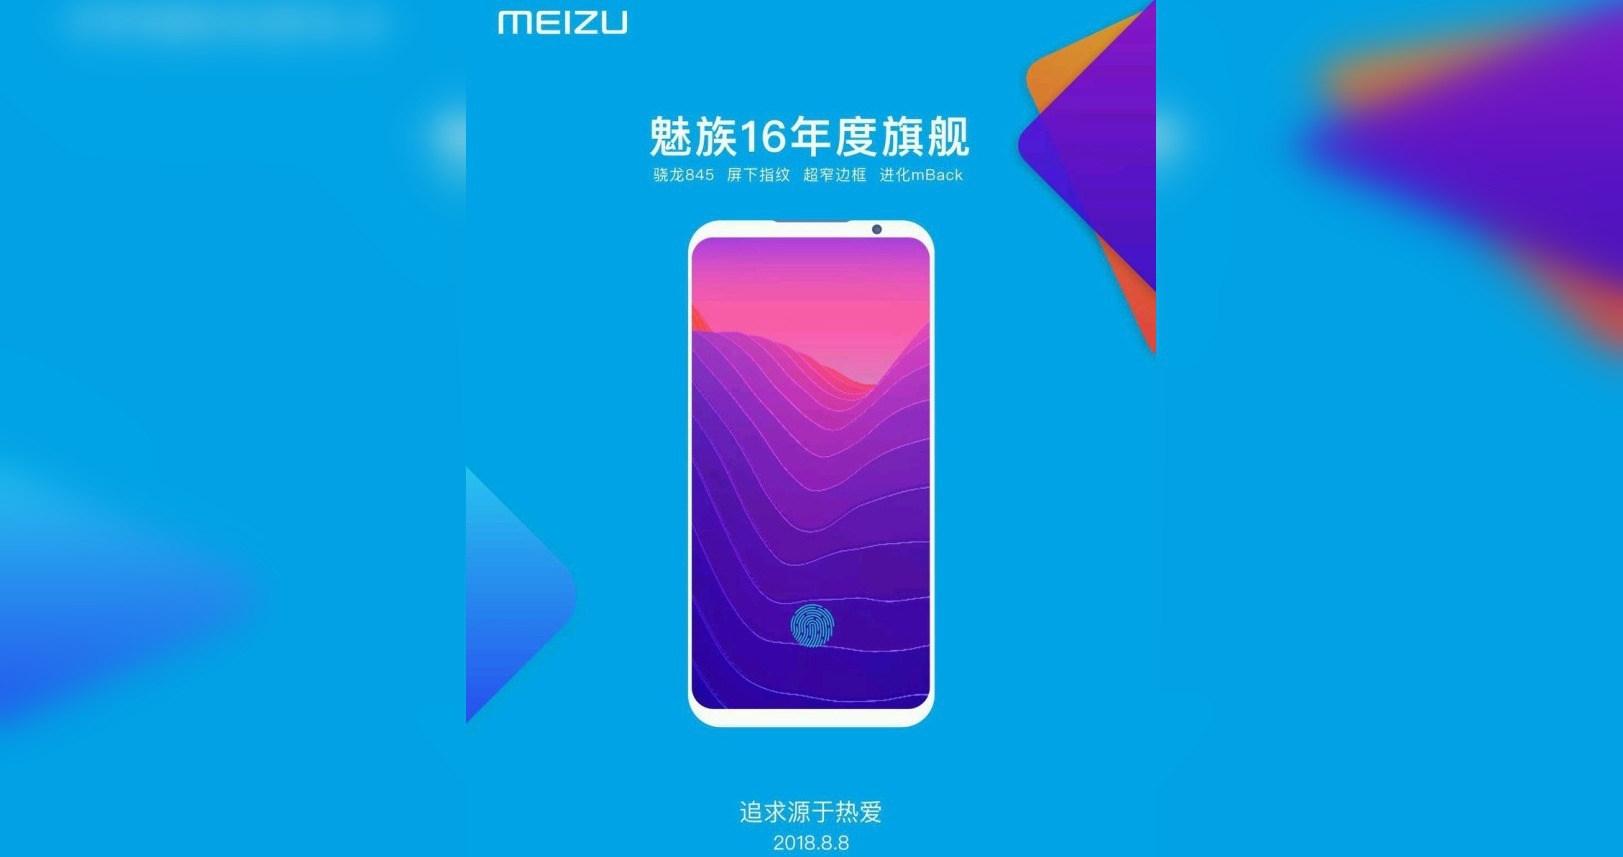 Meizu 16 caratteristiche tecniche